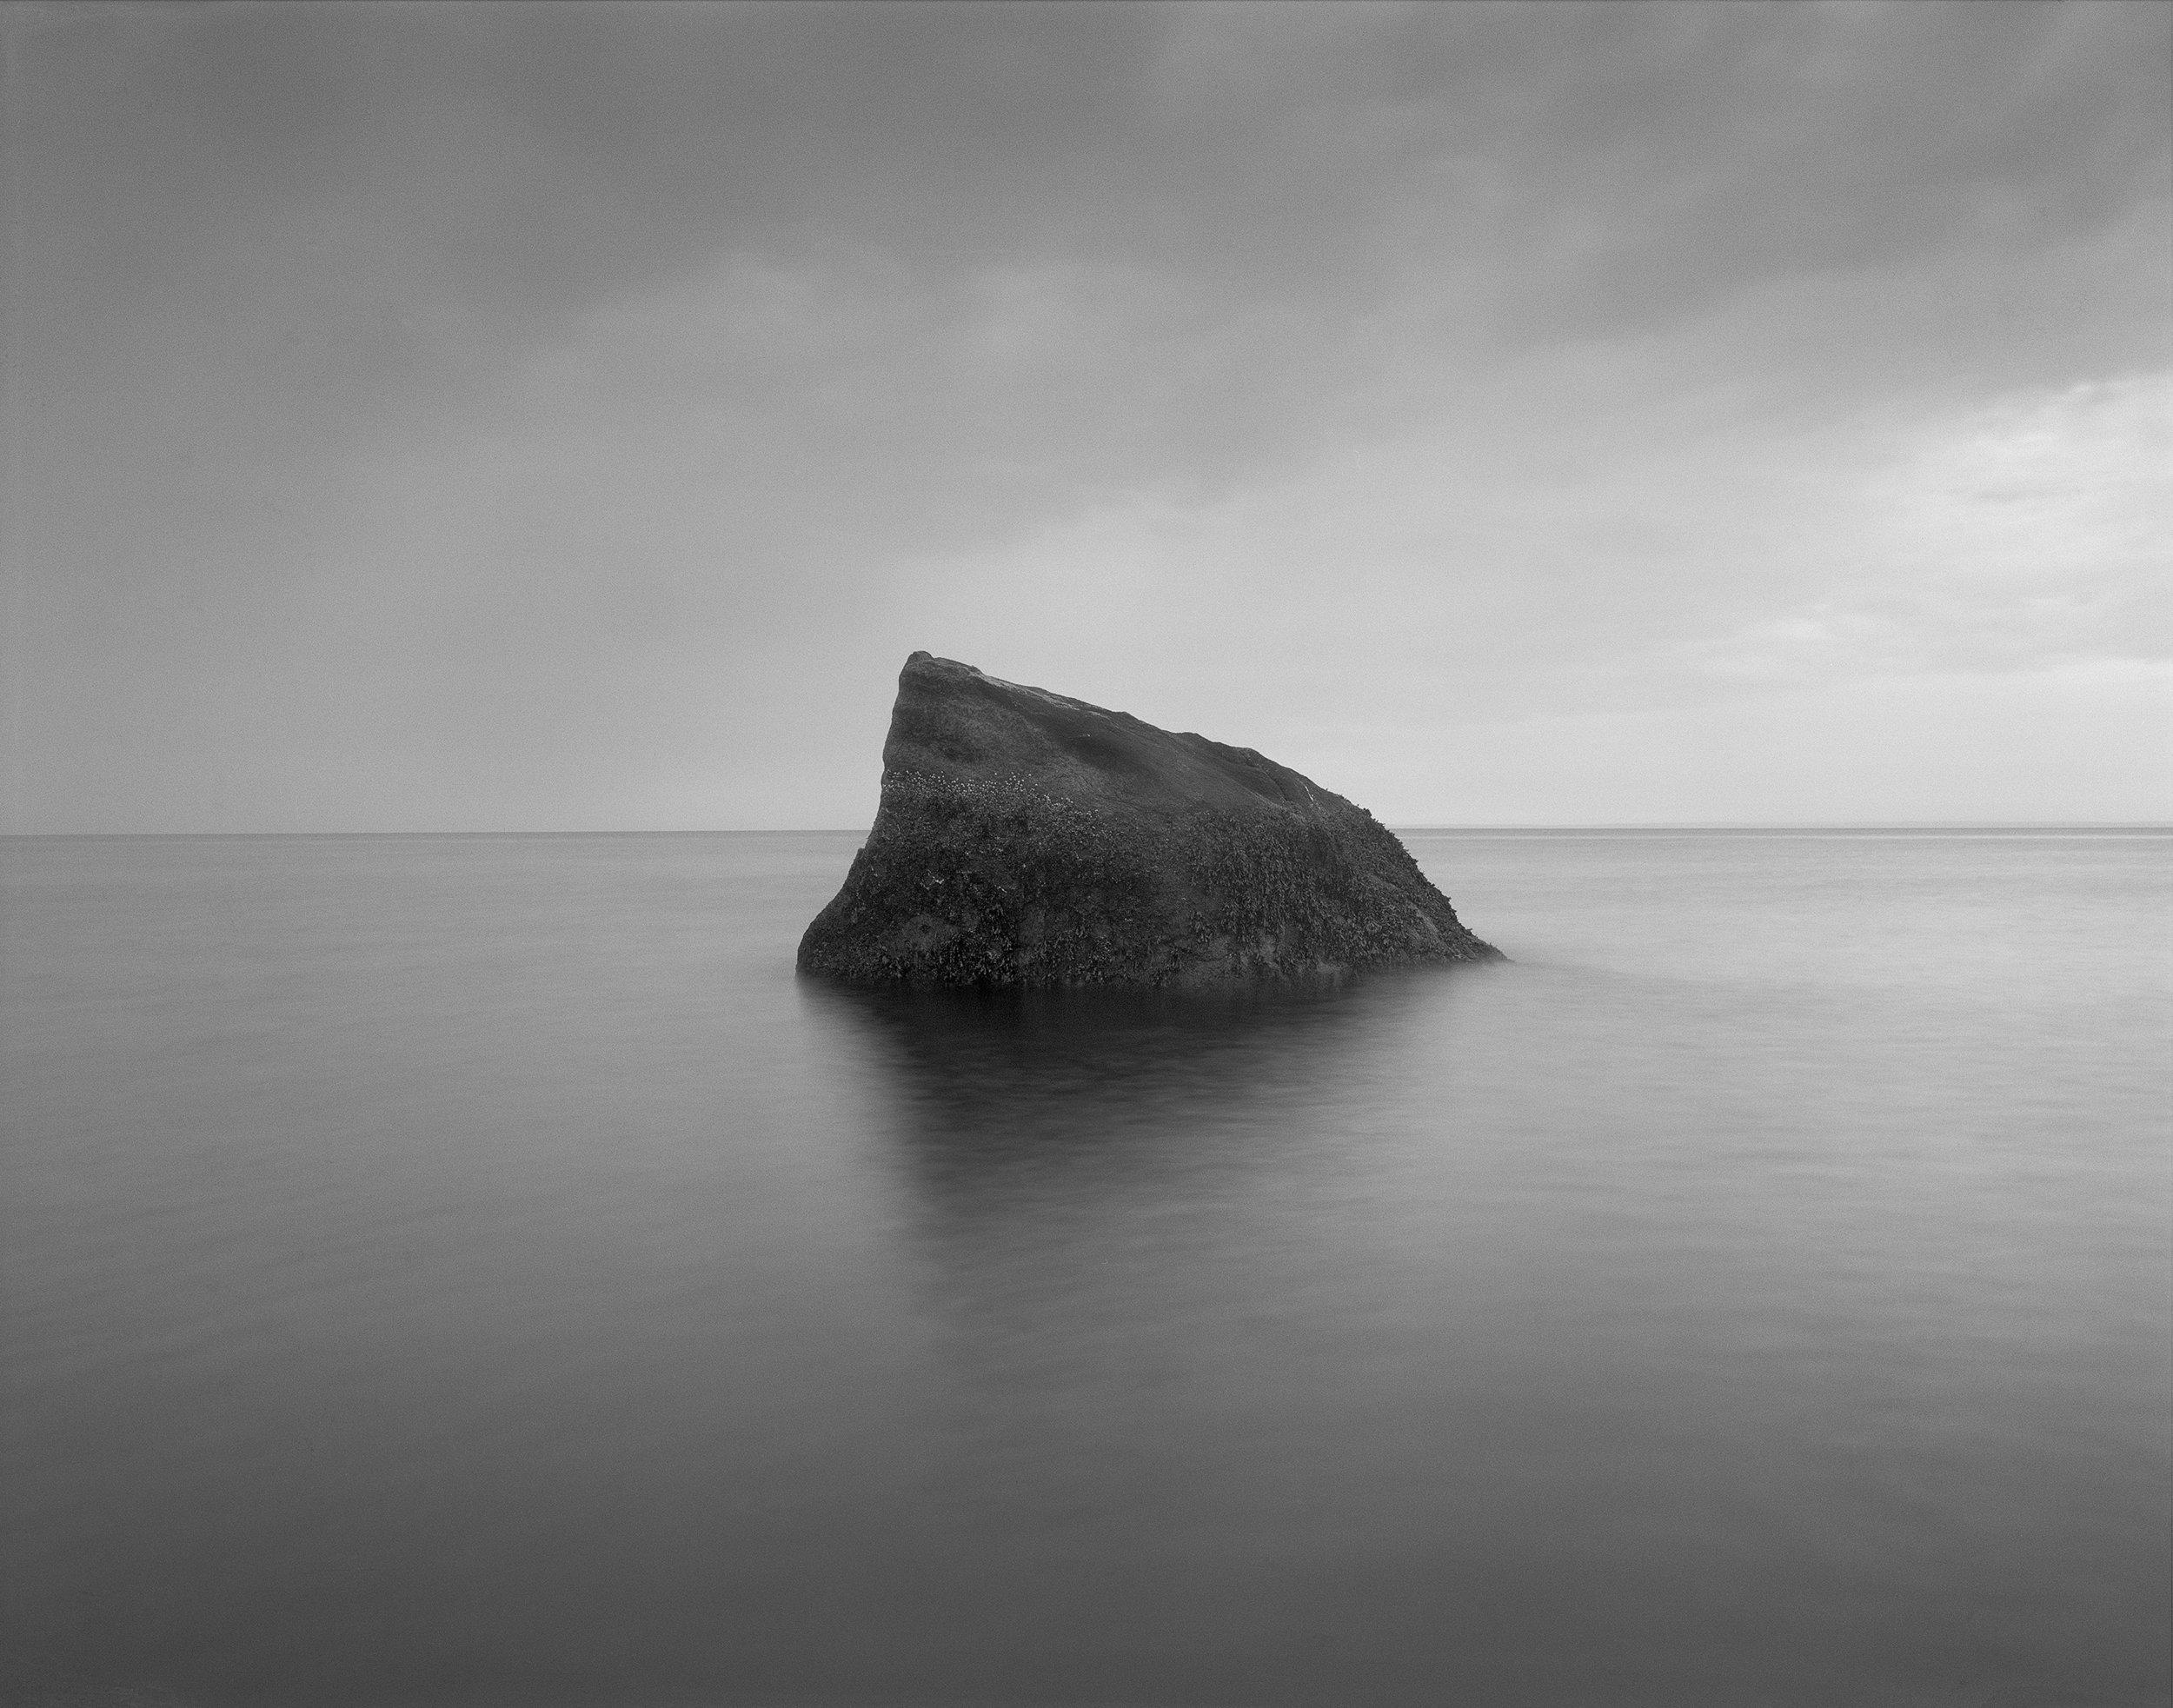 Sea: Glacial Erratic